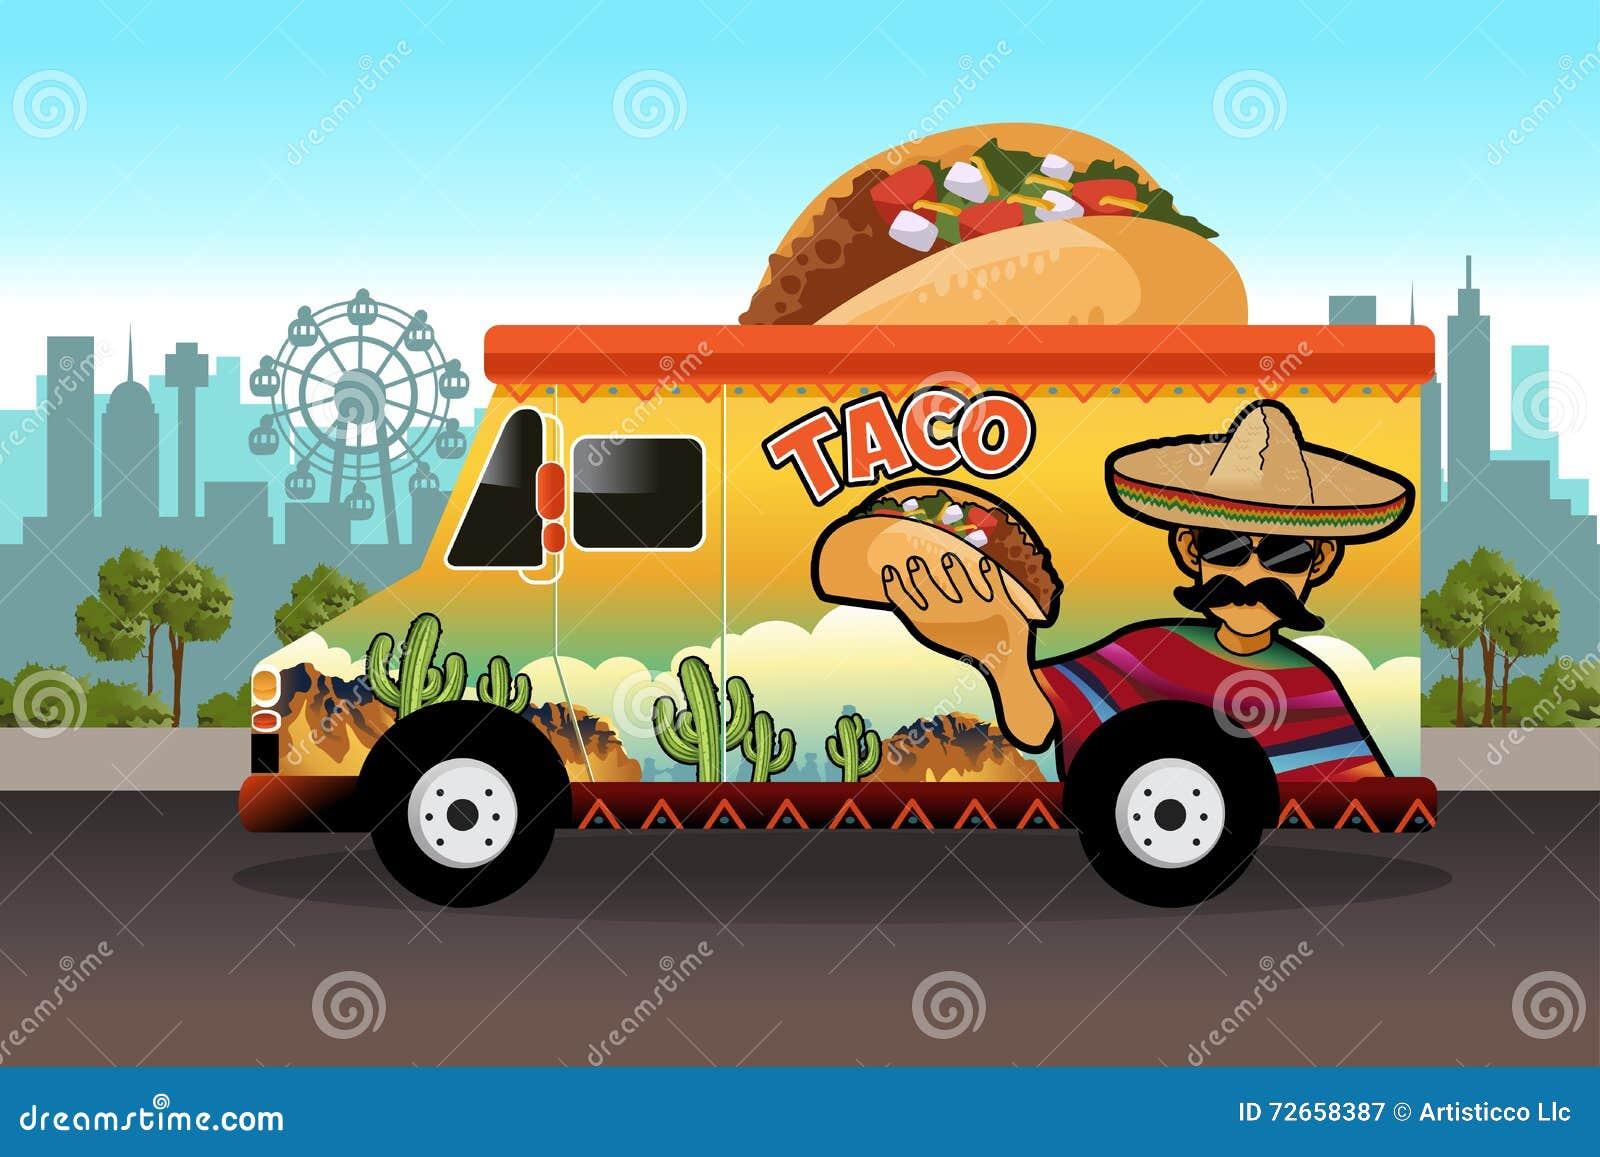 El Taco Food Truck